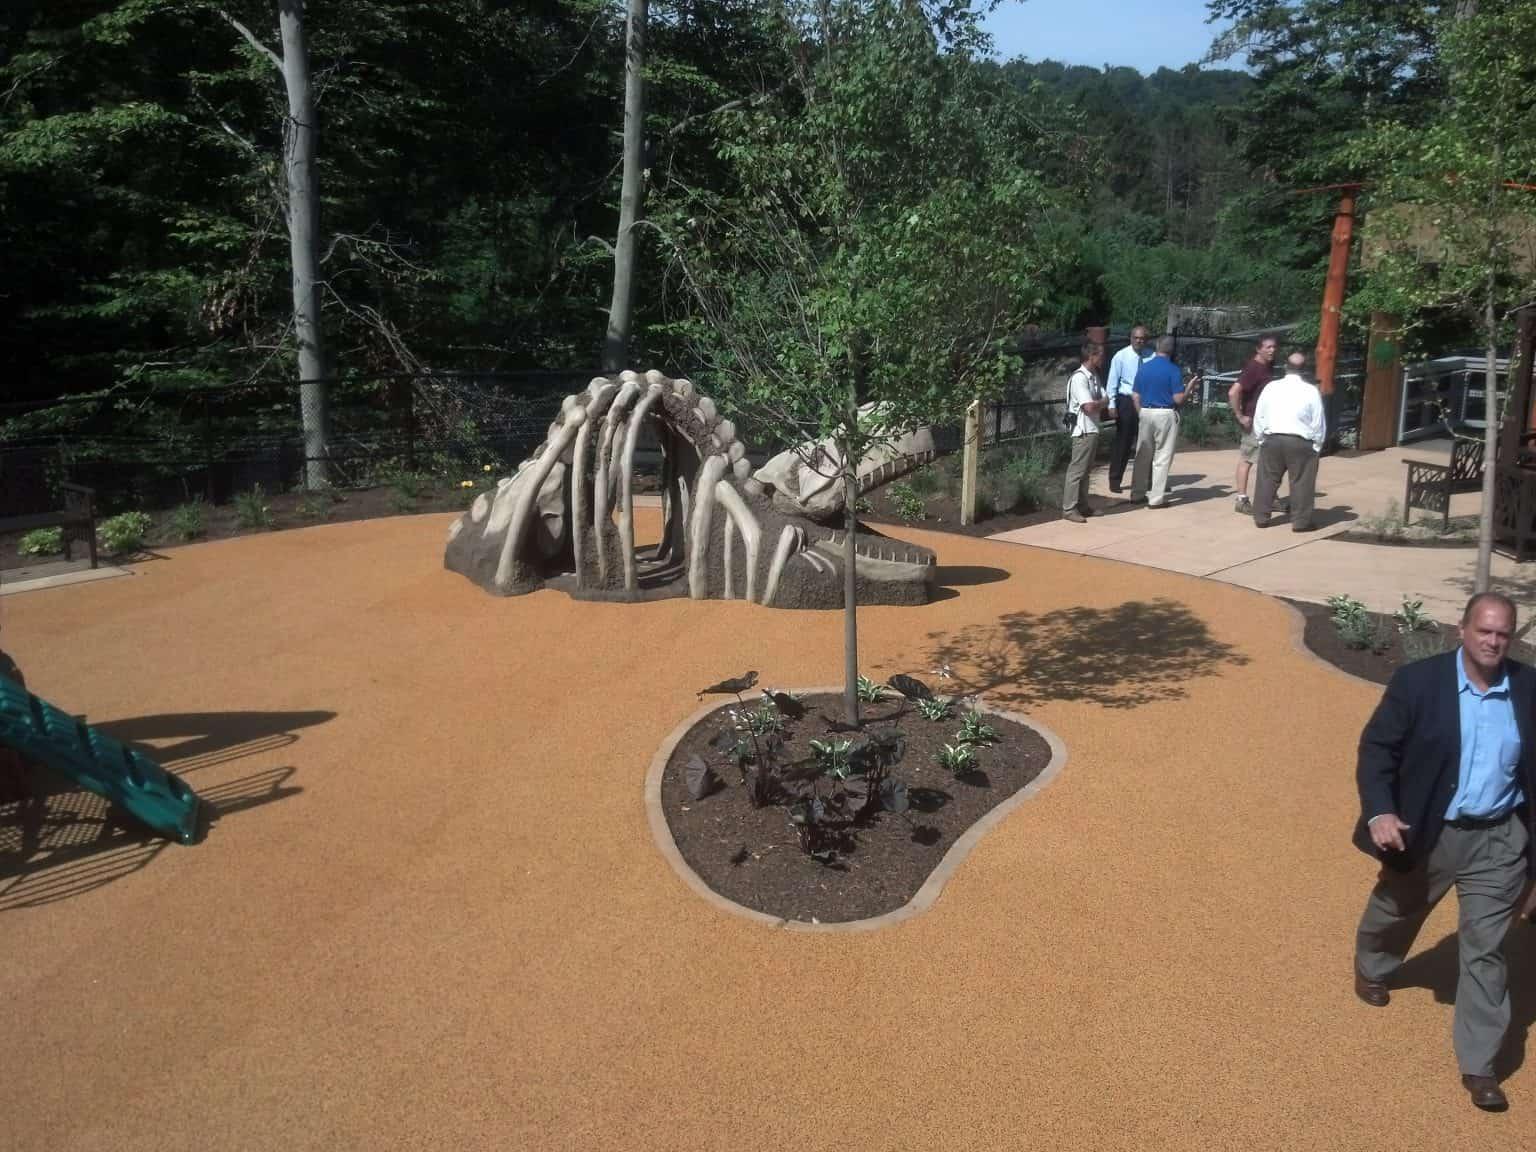 turtle-back-zoo-playground-west-orange-nj_11519179994_o-1-1536x1152